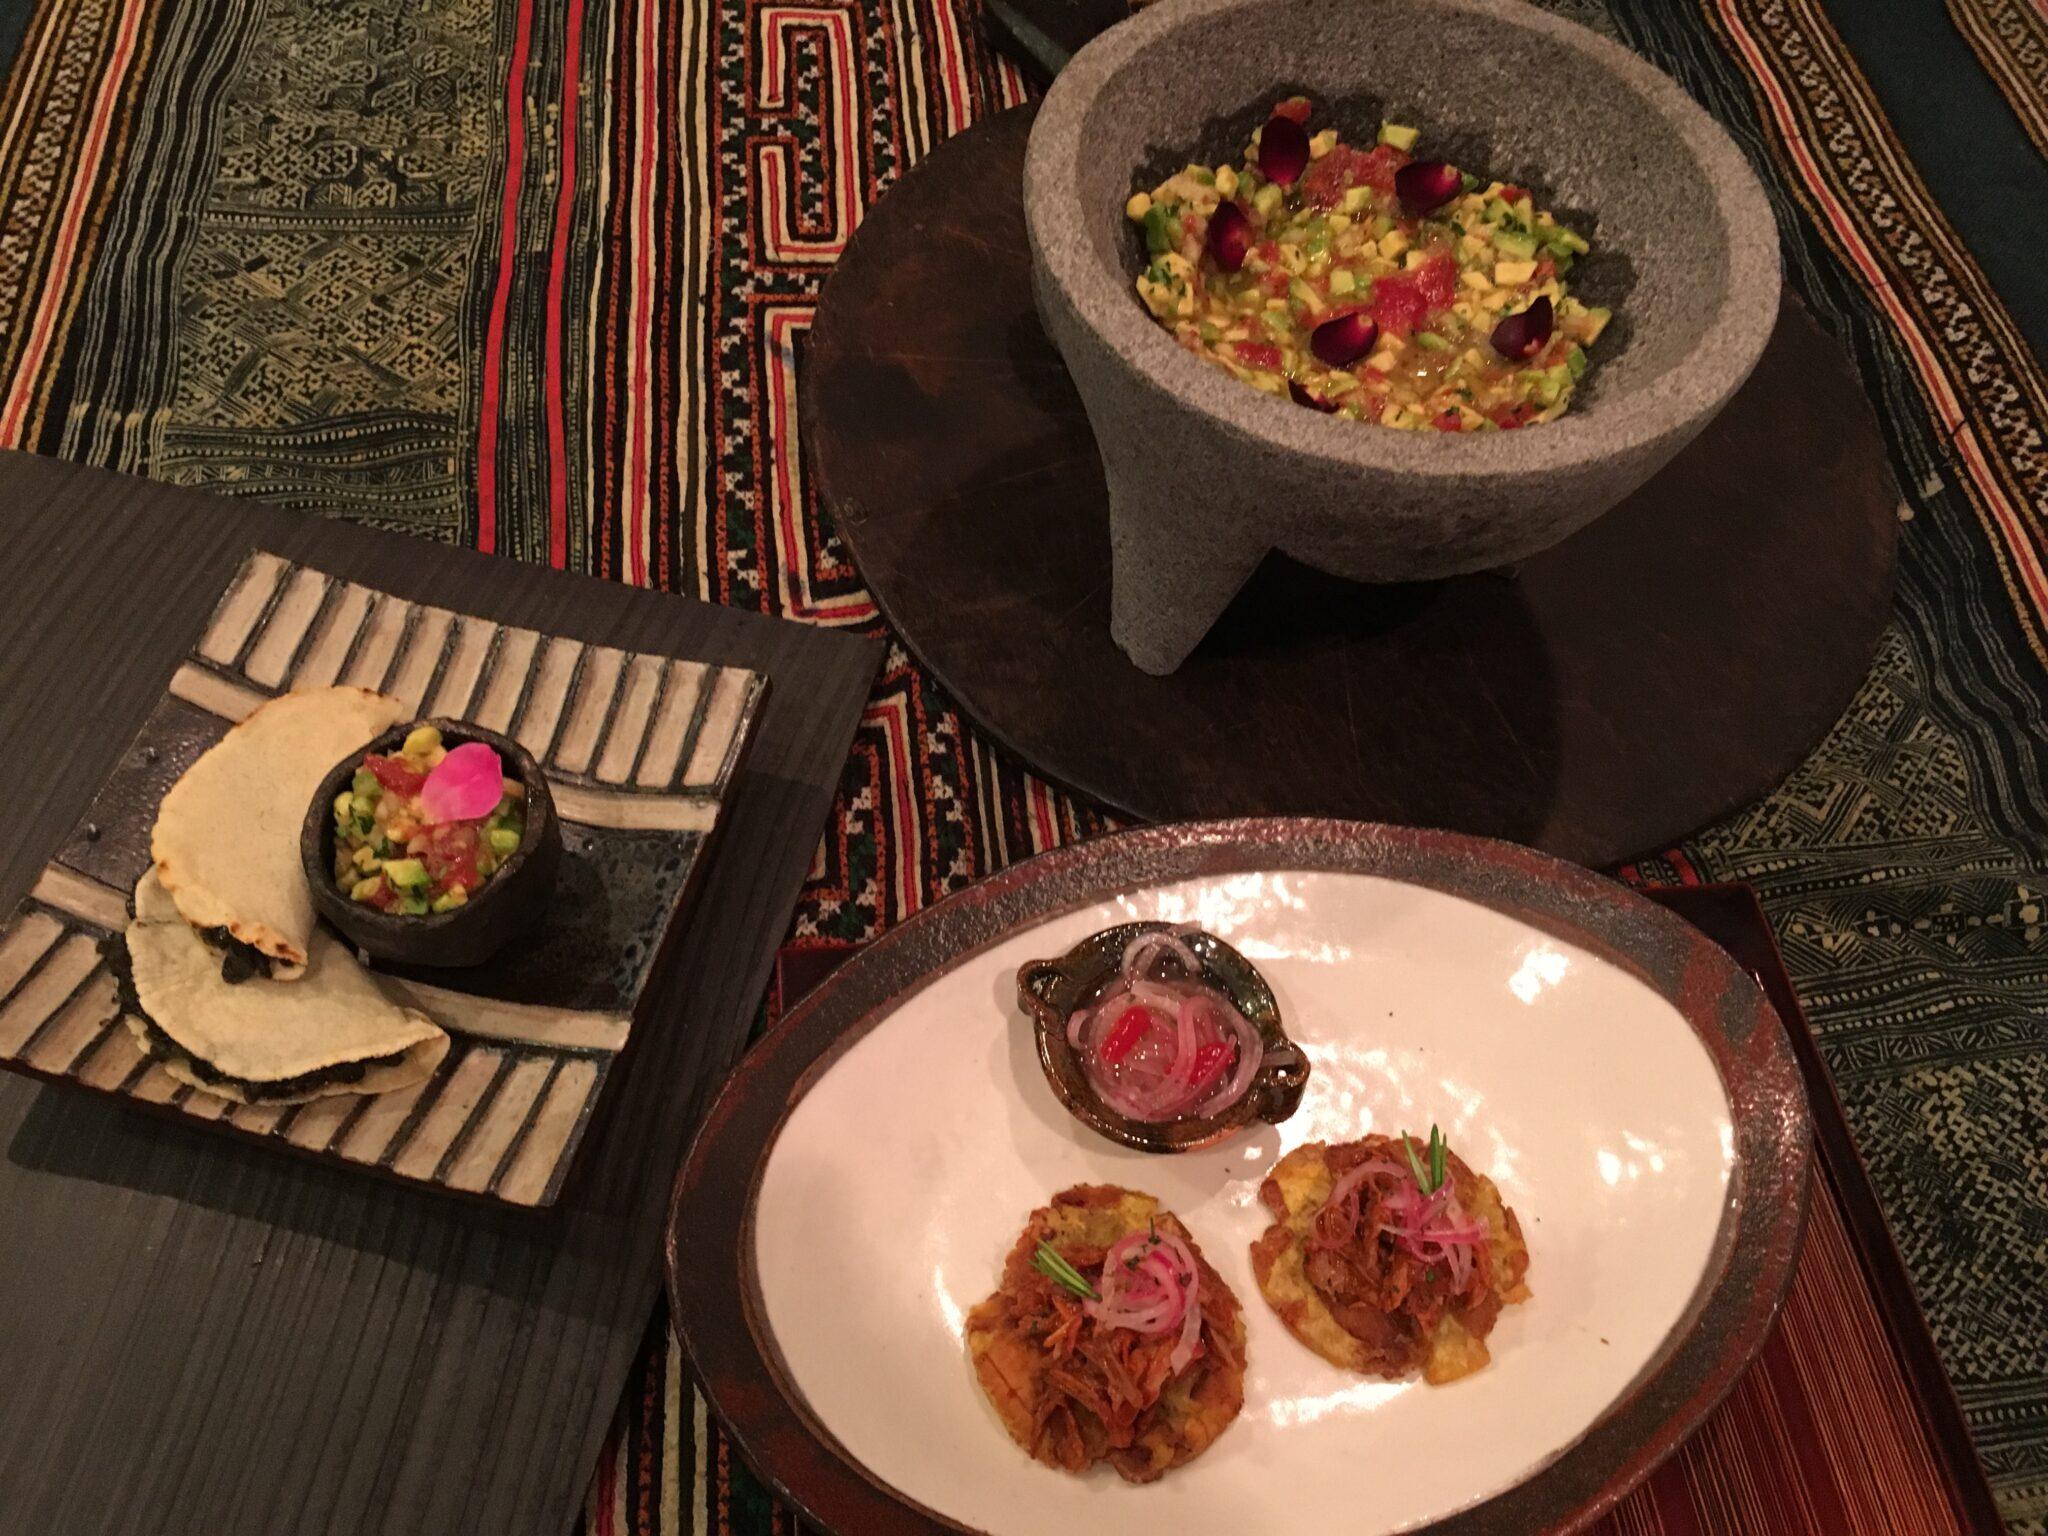 Cocinando recetas mejicanas con la chef Lorena